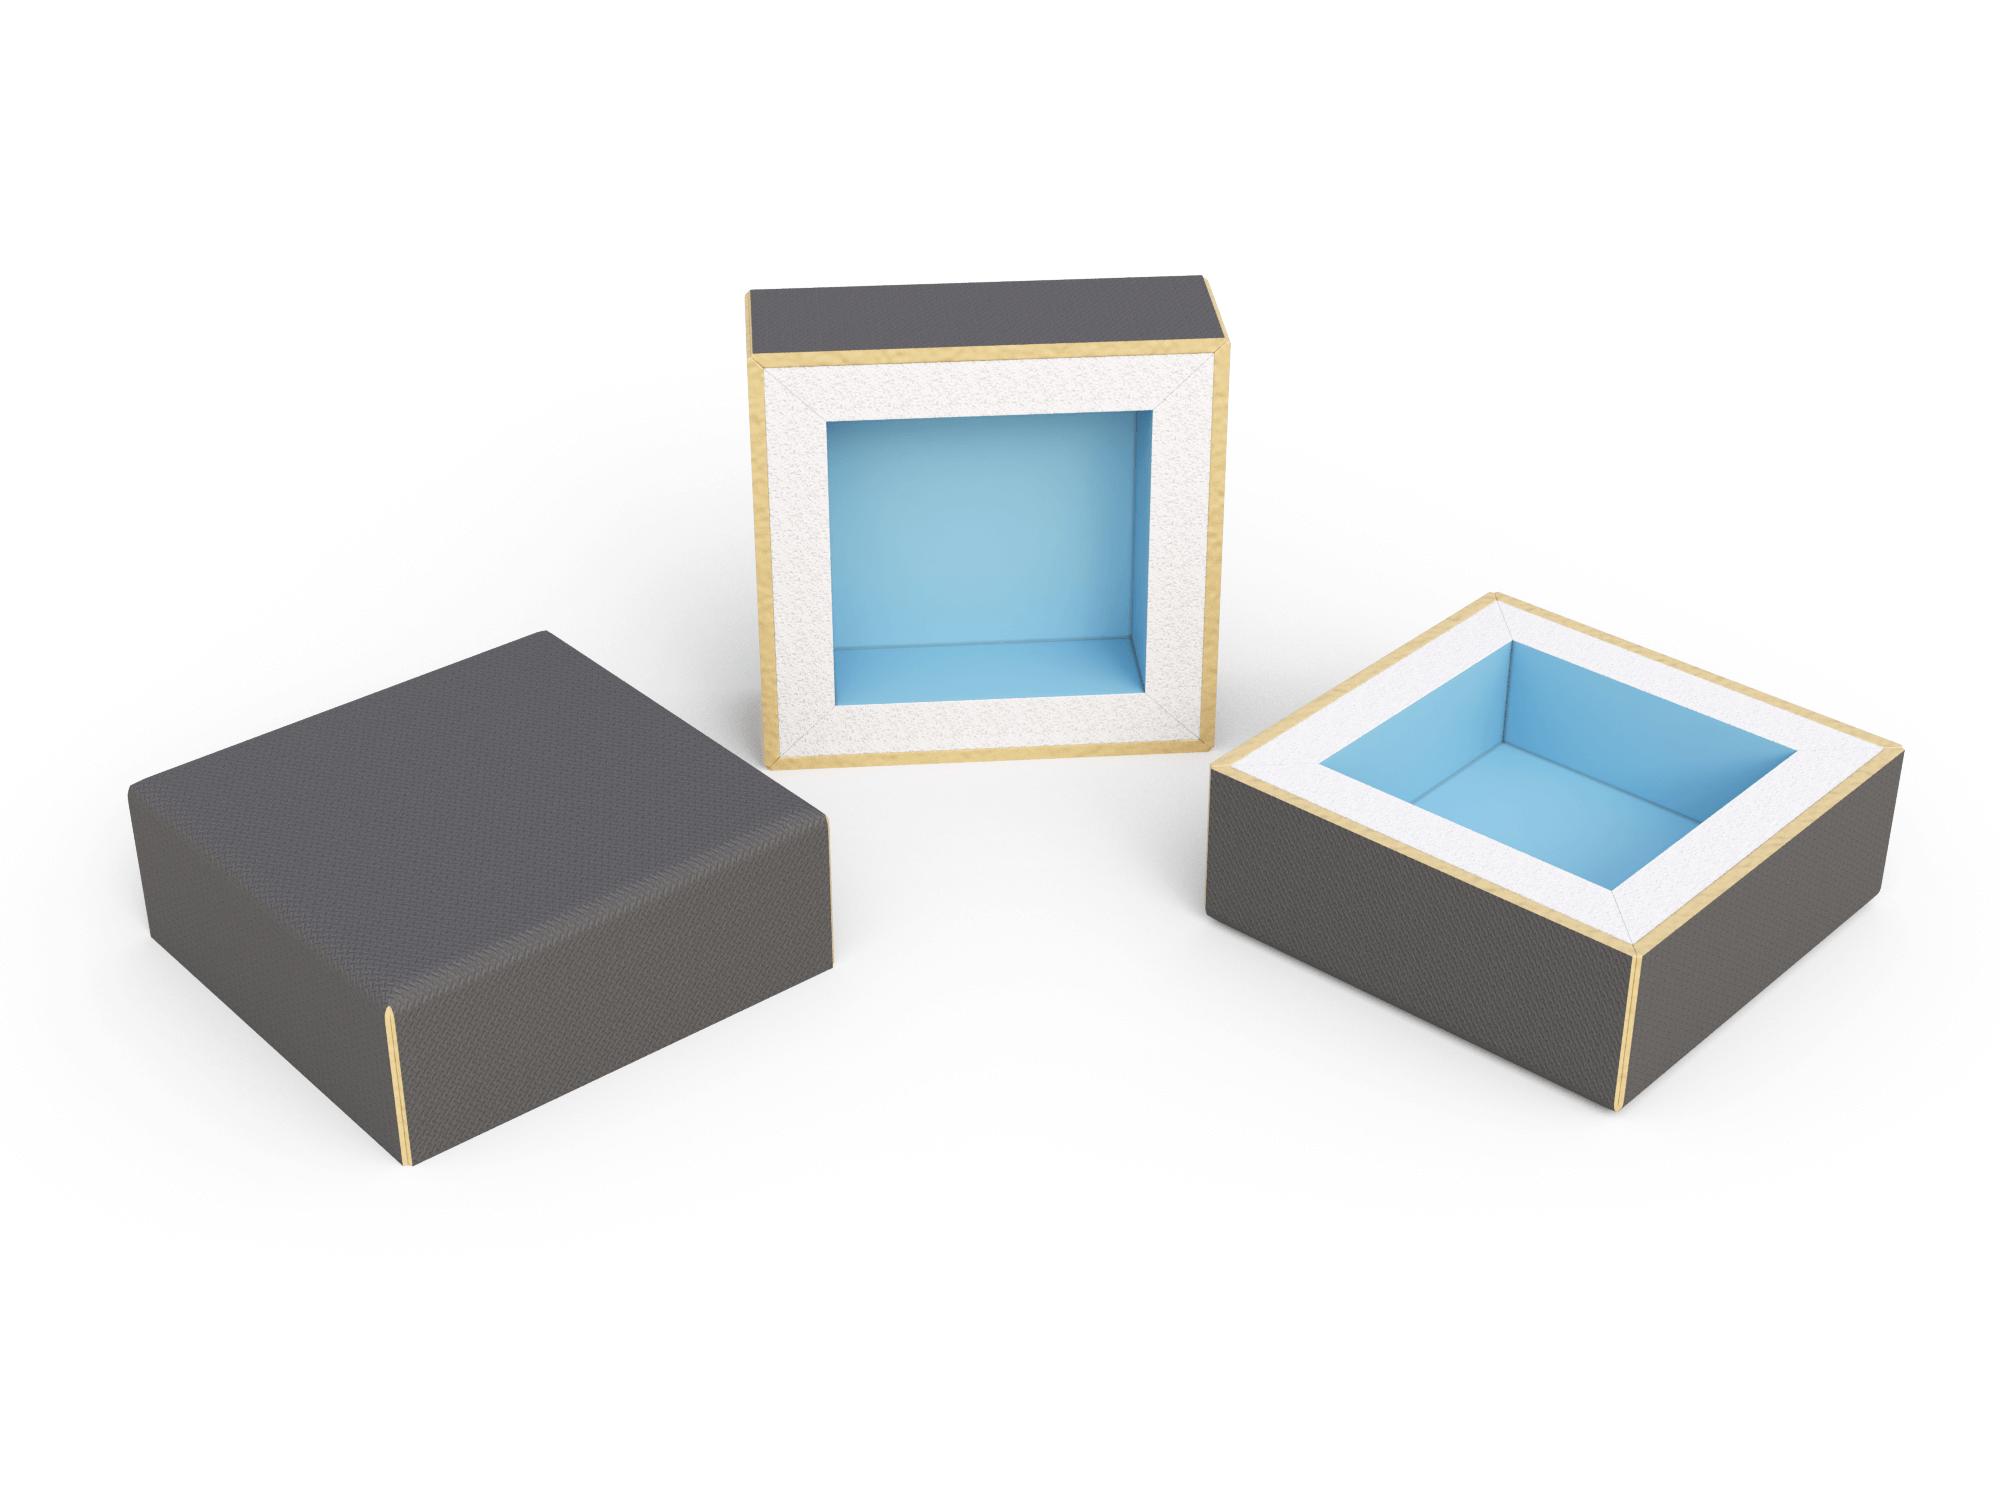 Купить подрозетник Standartish BOX1 оптом в Санкт-Петербурге от производителя, производство